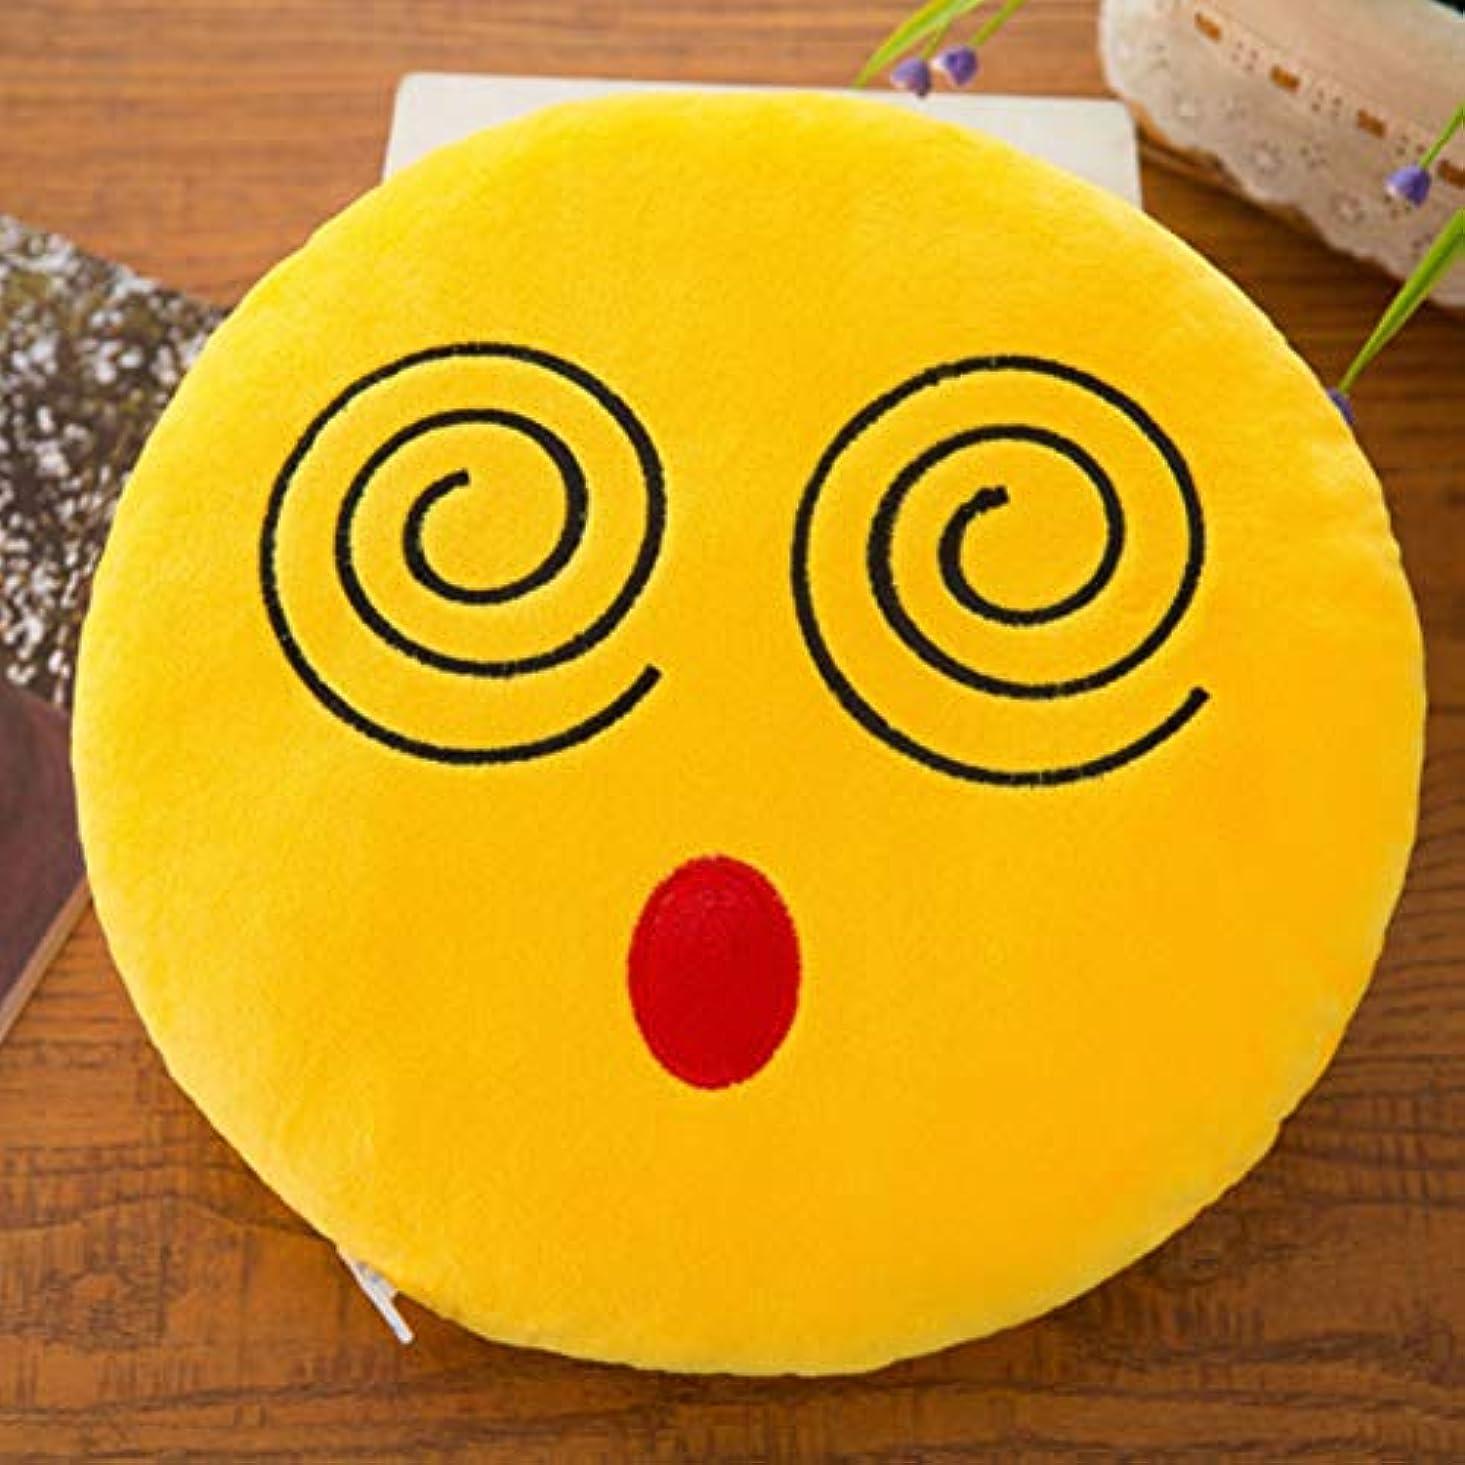 を必要としています珍しい独裁LIFE 40 センチメートルスマイル絵文字枕ソフトぬいぐるみ絵文字ラウンドクッション家の装飾かわいい漫画のおもちゃの人形装飾枕ドロップ船 クッション 椅子